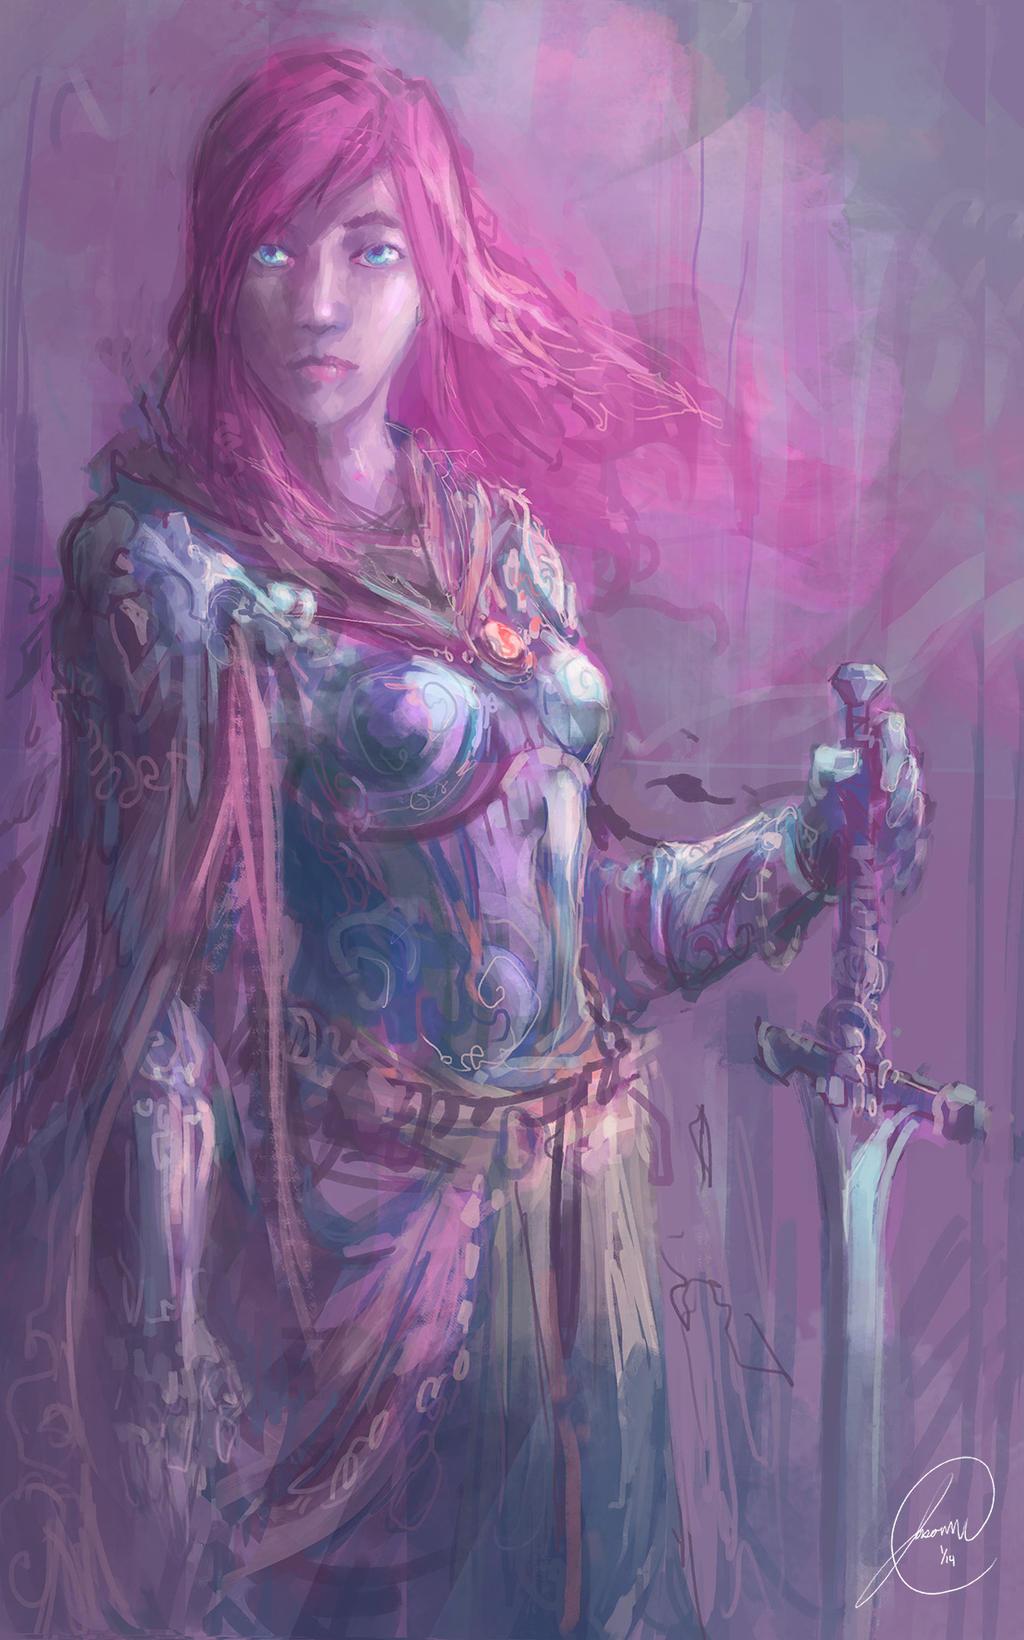 Galeria de Arte: Ficção & Fantasia 1 - Página 4 Pink_by_nosaj7541-d70muz1